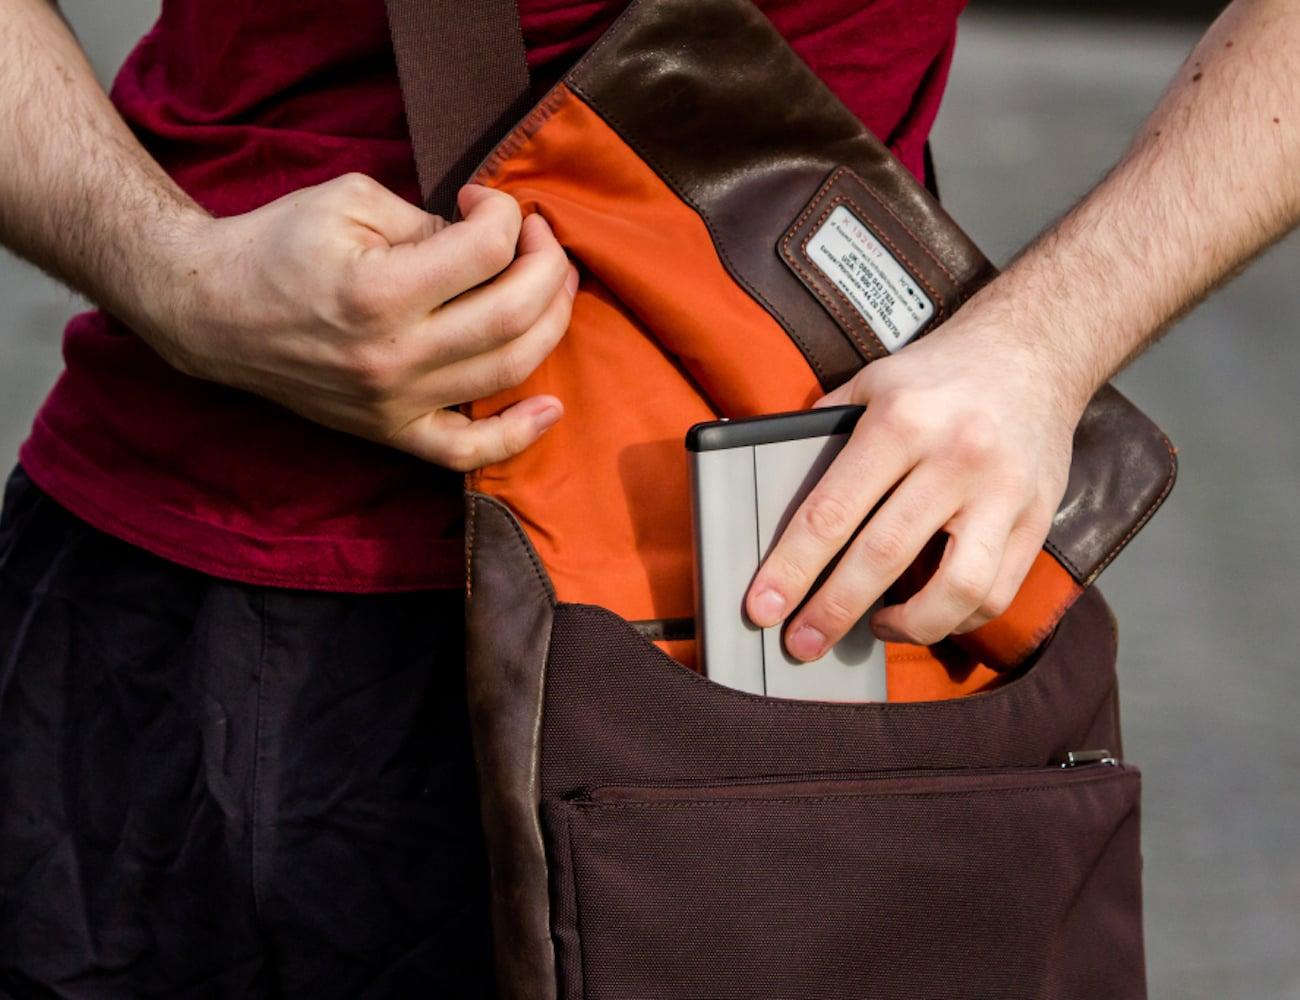 Gemini PDA Keyboard Mobile Device